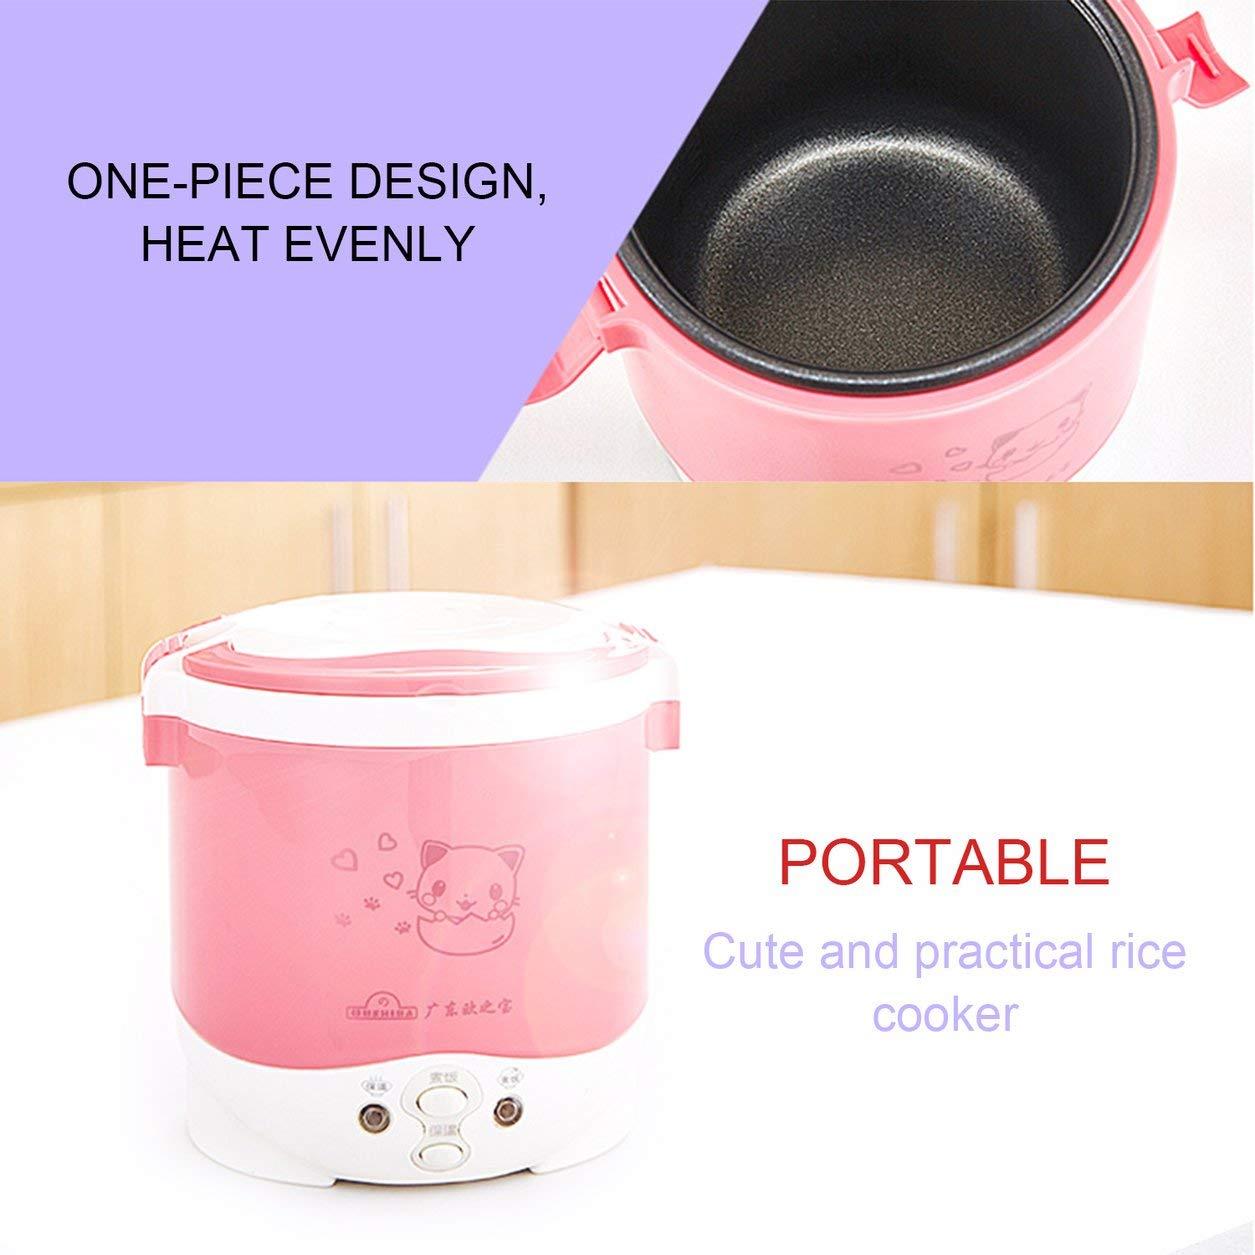 Mini fornello di riso elettrico OUSHIBA 1L Fornello di riso elettrico con fornello di riso sveglio con il modello sveglio del gatto per la zuppa di riso Porridge l'uovo cotto a vapore (Colore: bianco) Dailyinshop